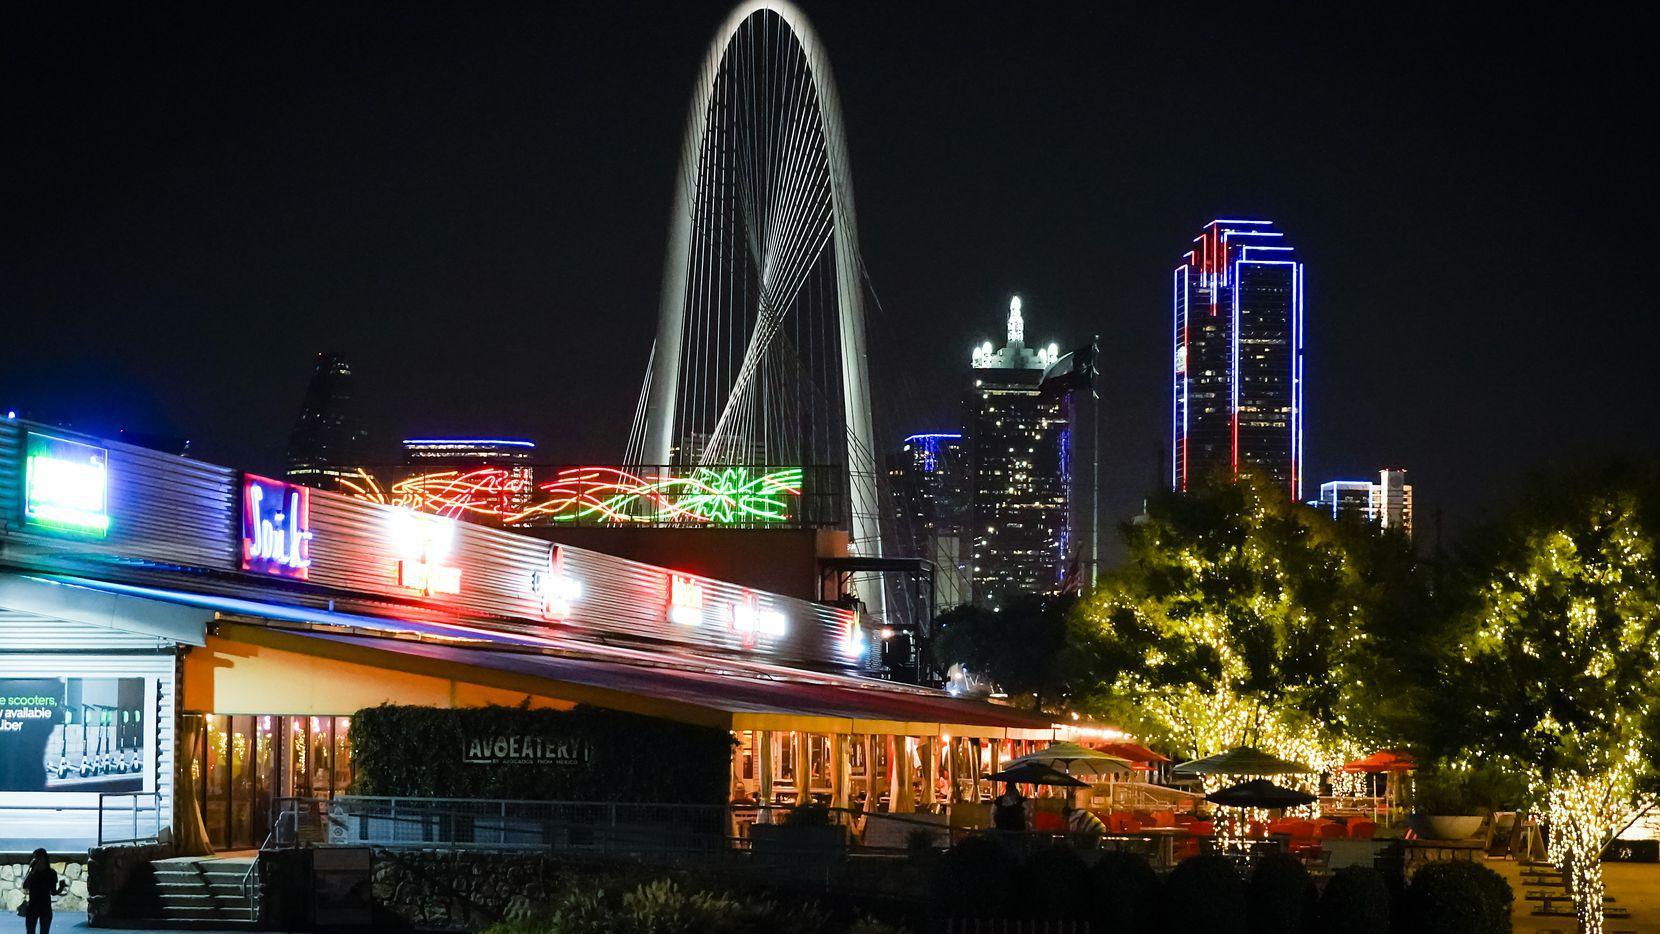 Urbanistas de Trinity Groves en West Dallas se aprestan a construir un edificio de 30 pisos al borde del río Trinity.